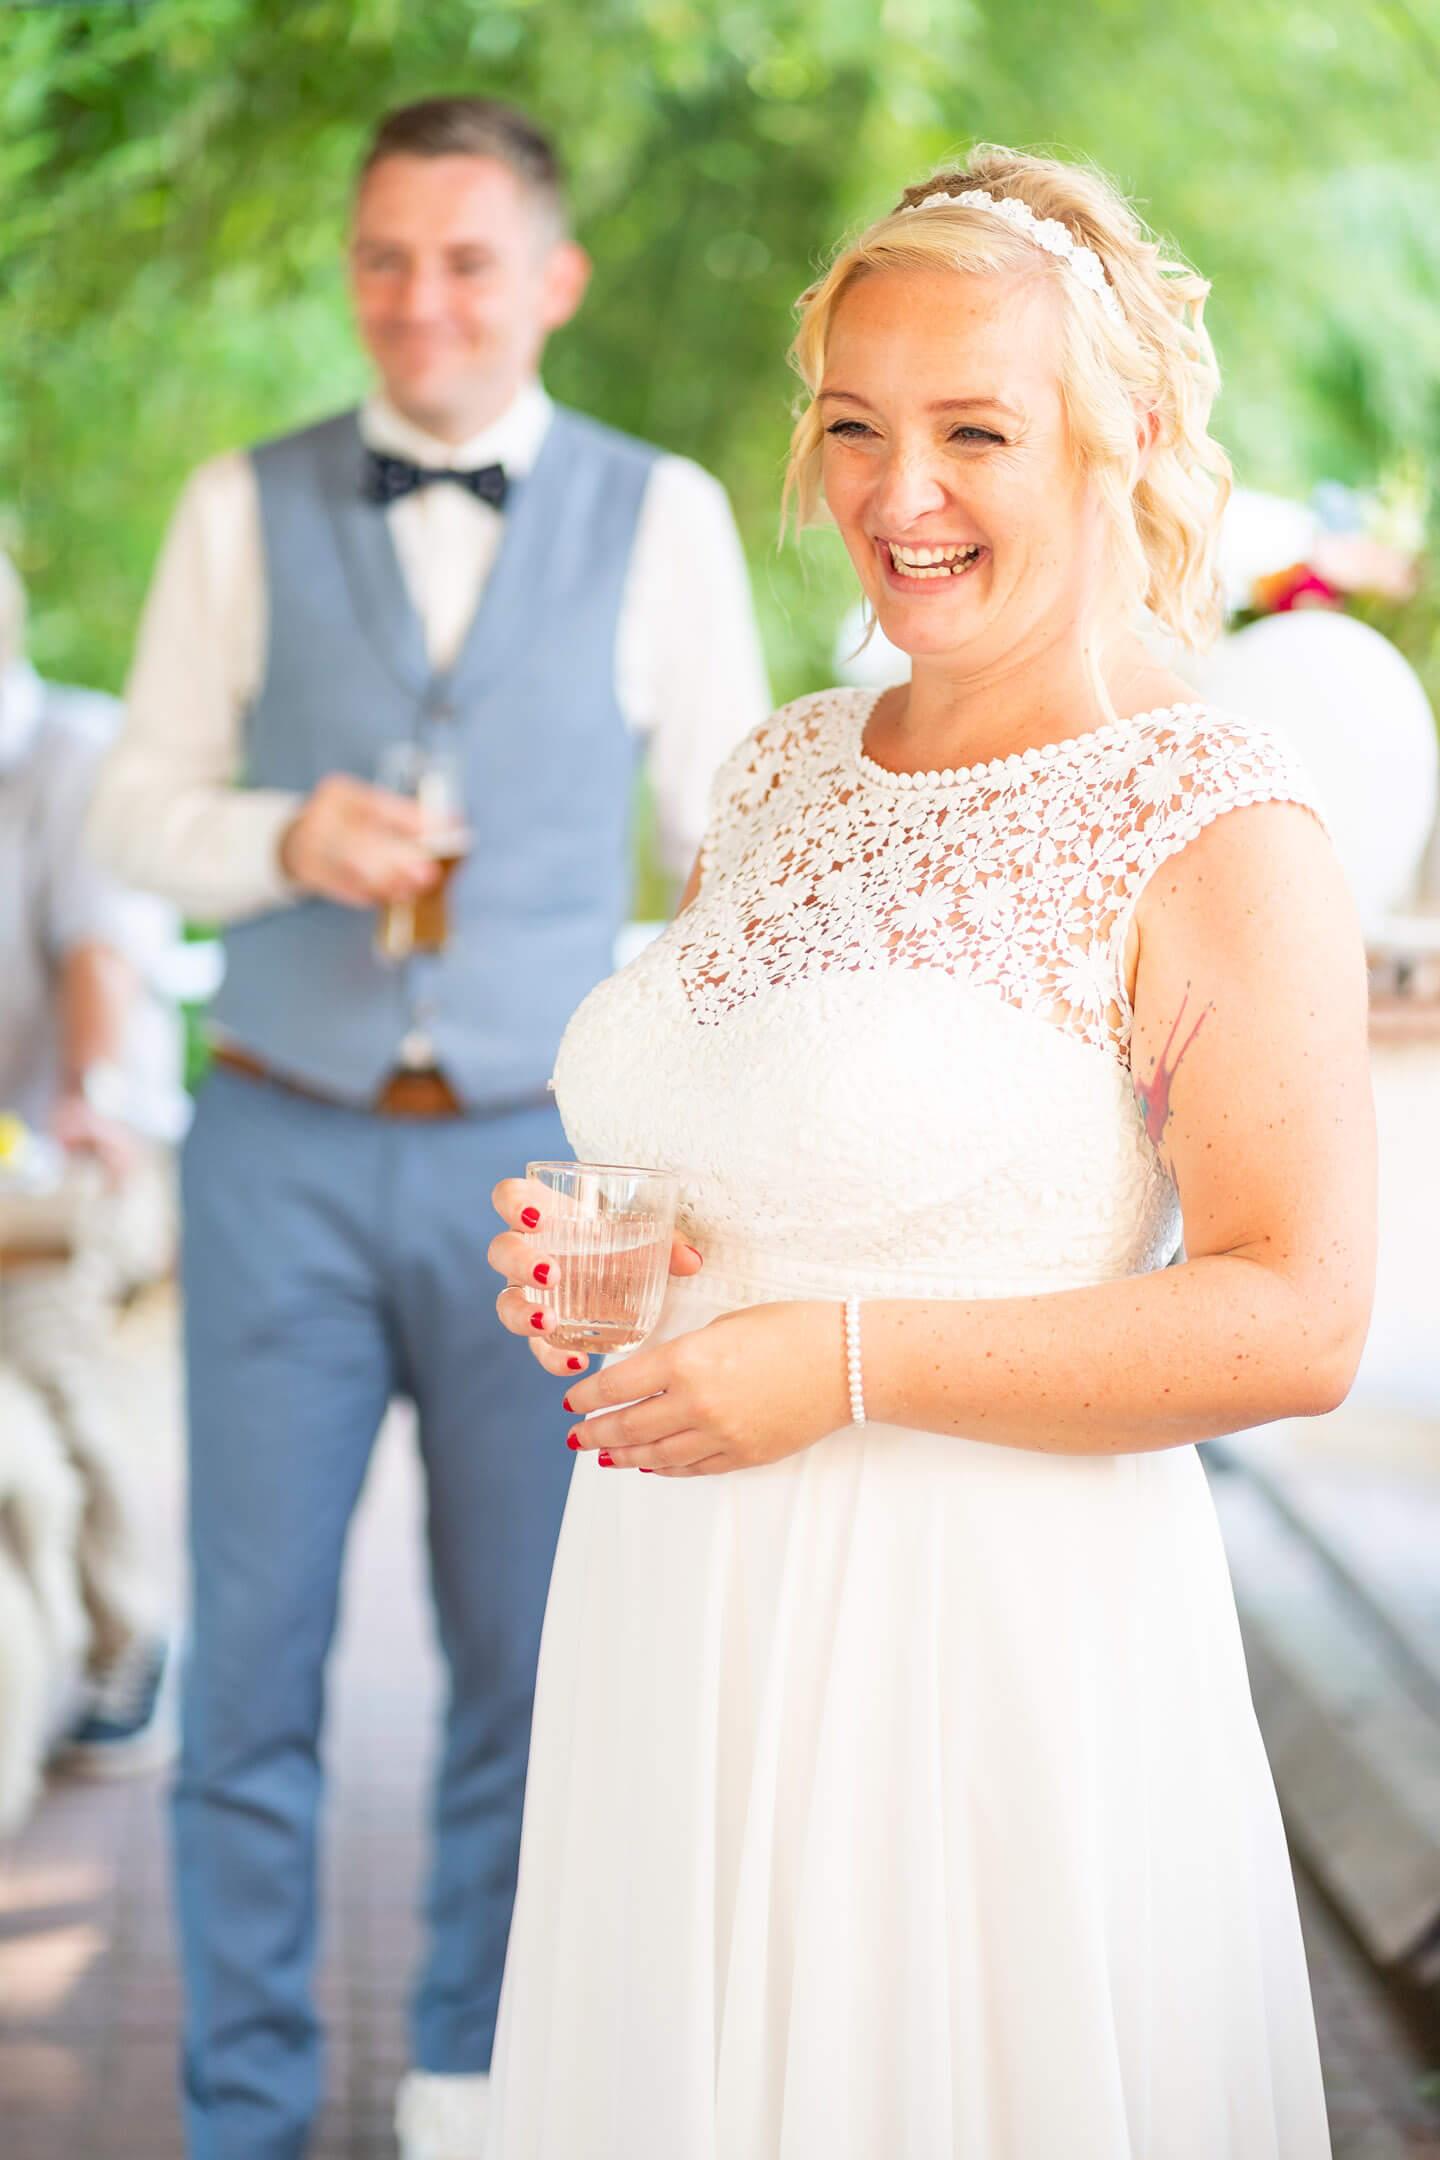 Strahlende Braut - festgehalten vom Hochzeitsfotograf Florian Läufer